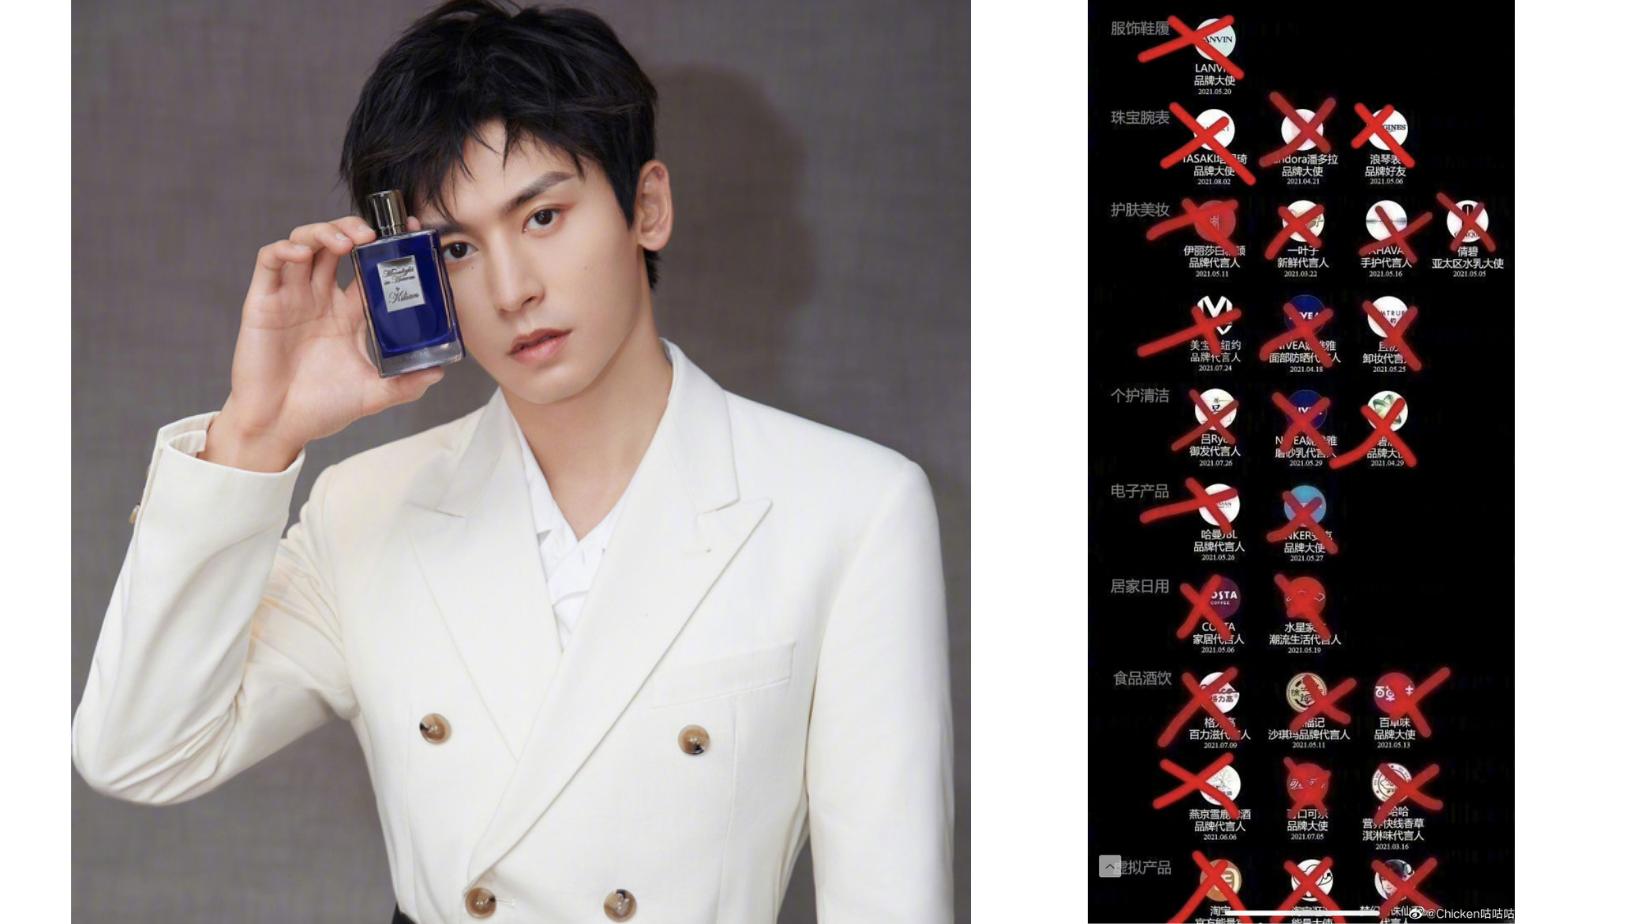 Truyền thông Nhật cảm ơn hành động 'đẹp' của Trương Triết Hạn, không quên mời chào qua đây lập nghiệp 3